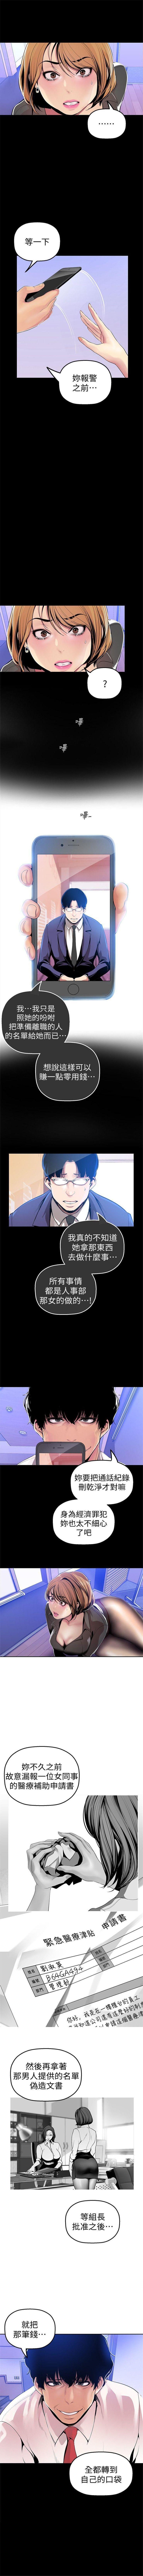 (週1)美麗新世界 1-70 中文翻譯 (更新中) 298